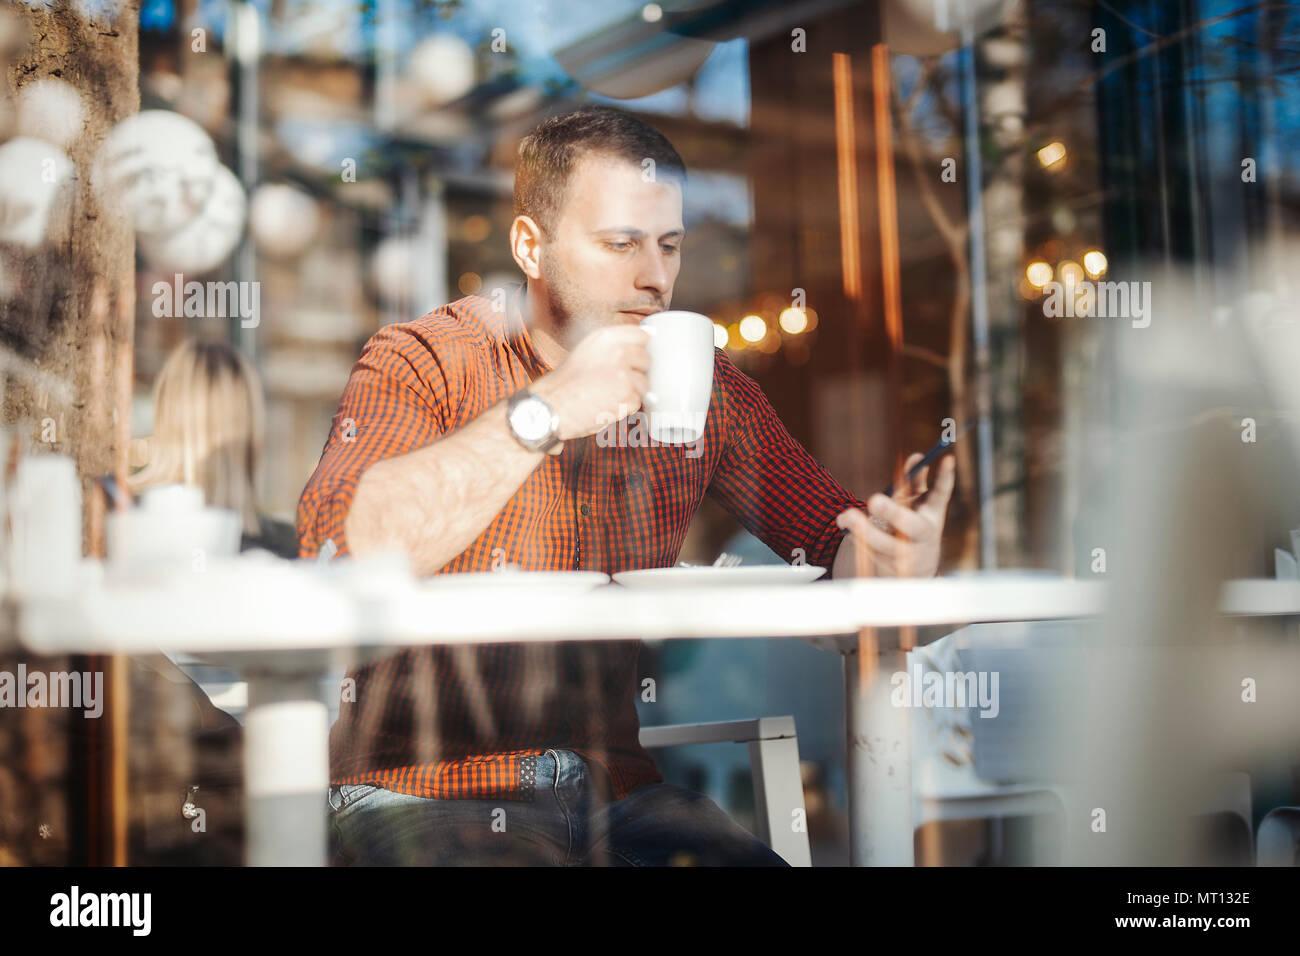 Jungen attraktiven Mann Kaffee trinken und schreiben Nachricht an Handy Stockbild